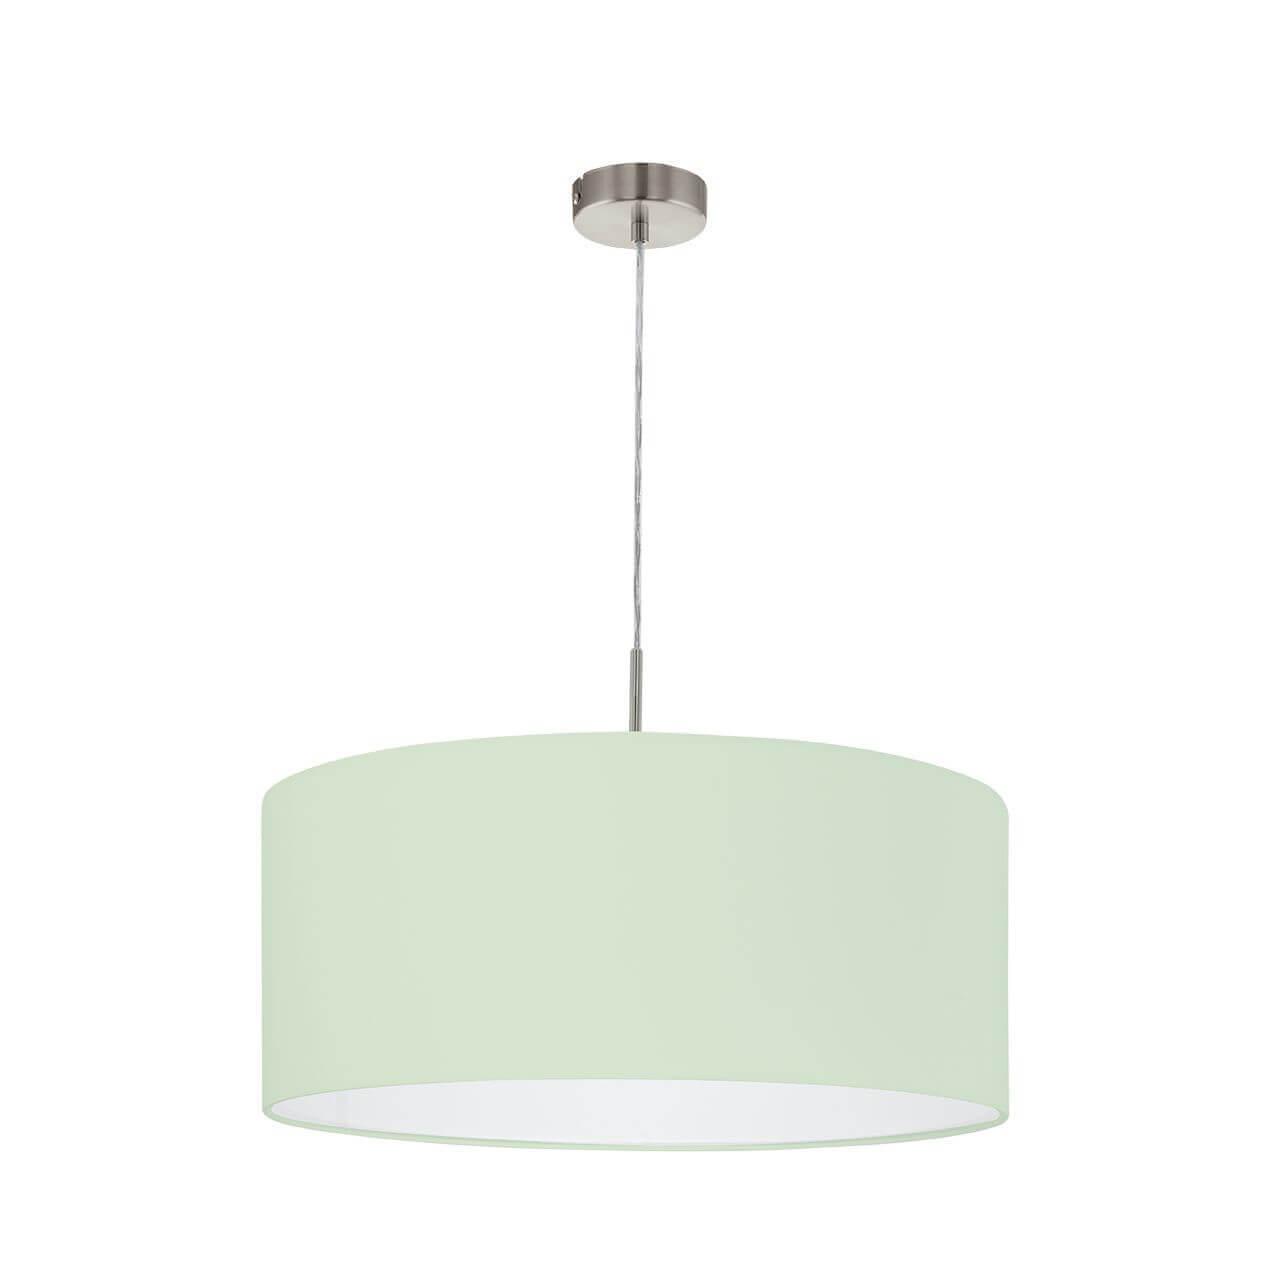 Светильник Eglo 97378 Pasteri-P подвесной светильник pasteri 31571